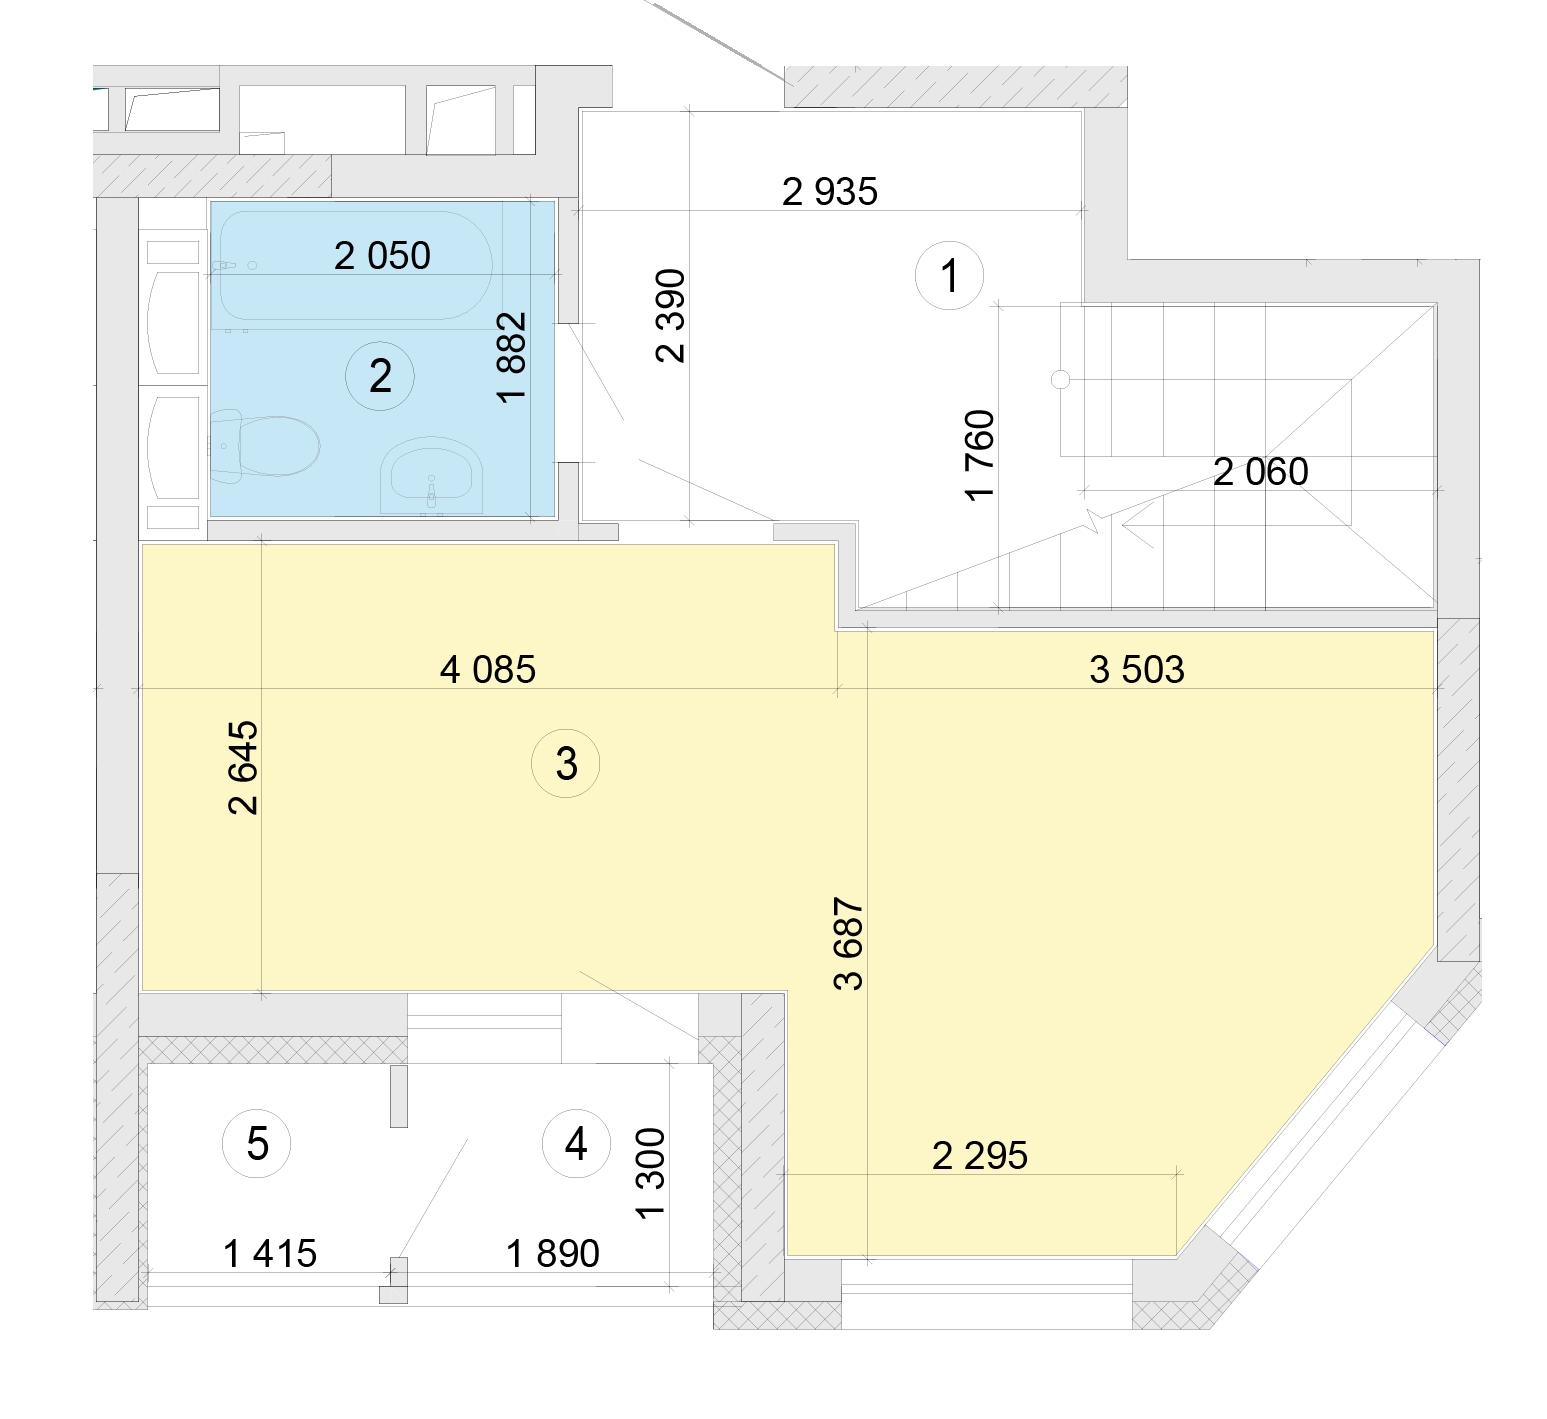 Купити Дворівнева квартира 80,7 кв.м., тип П2, будинок 2, секція 5 в Києві Голосіївський район